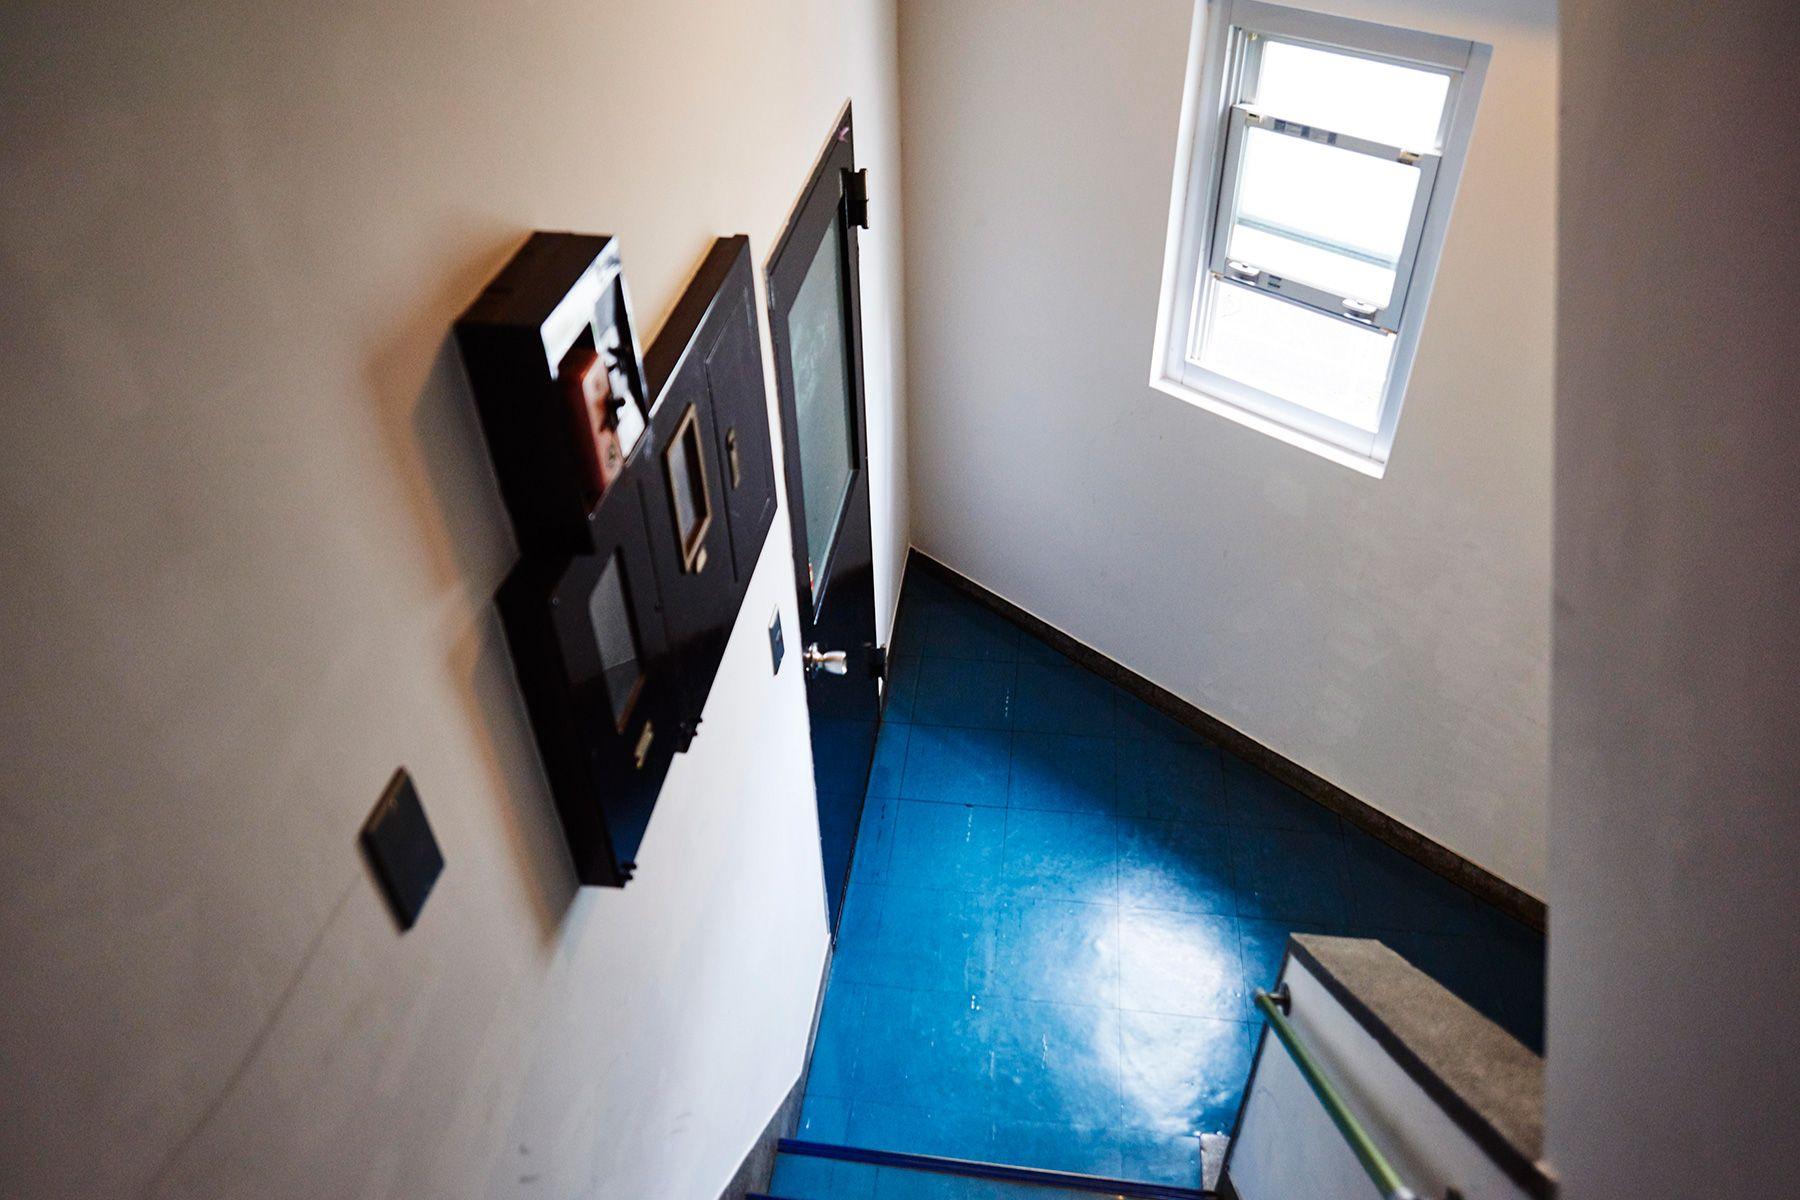 3rd floor(サードフロア)option 階段